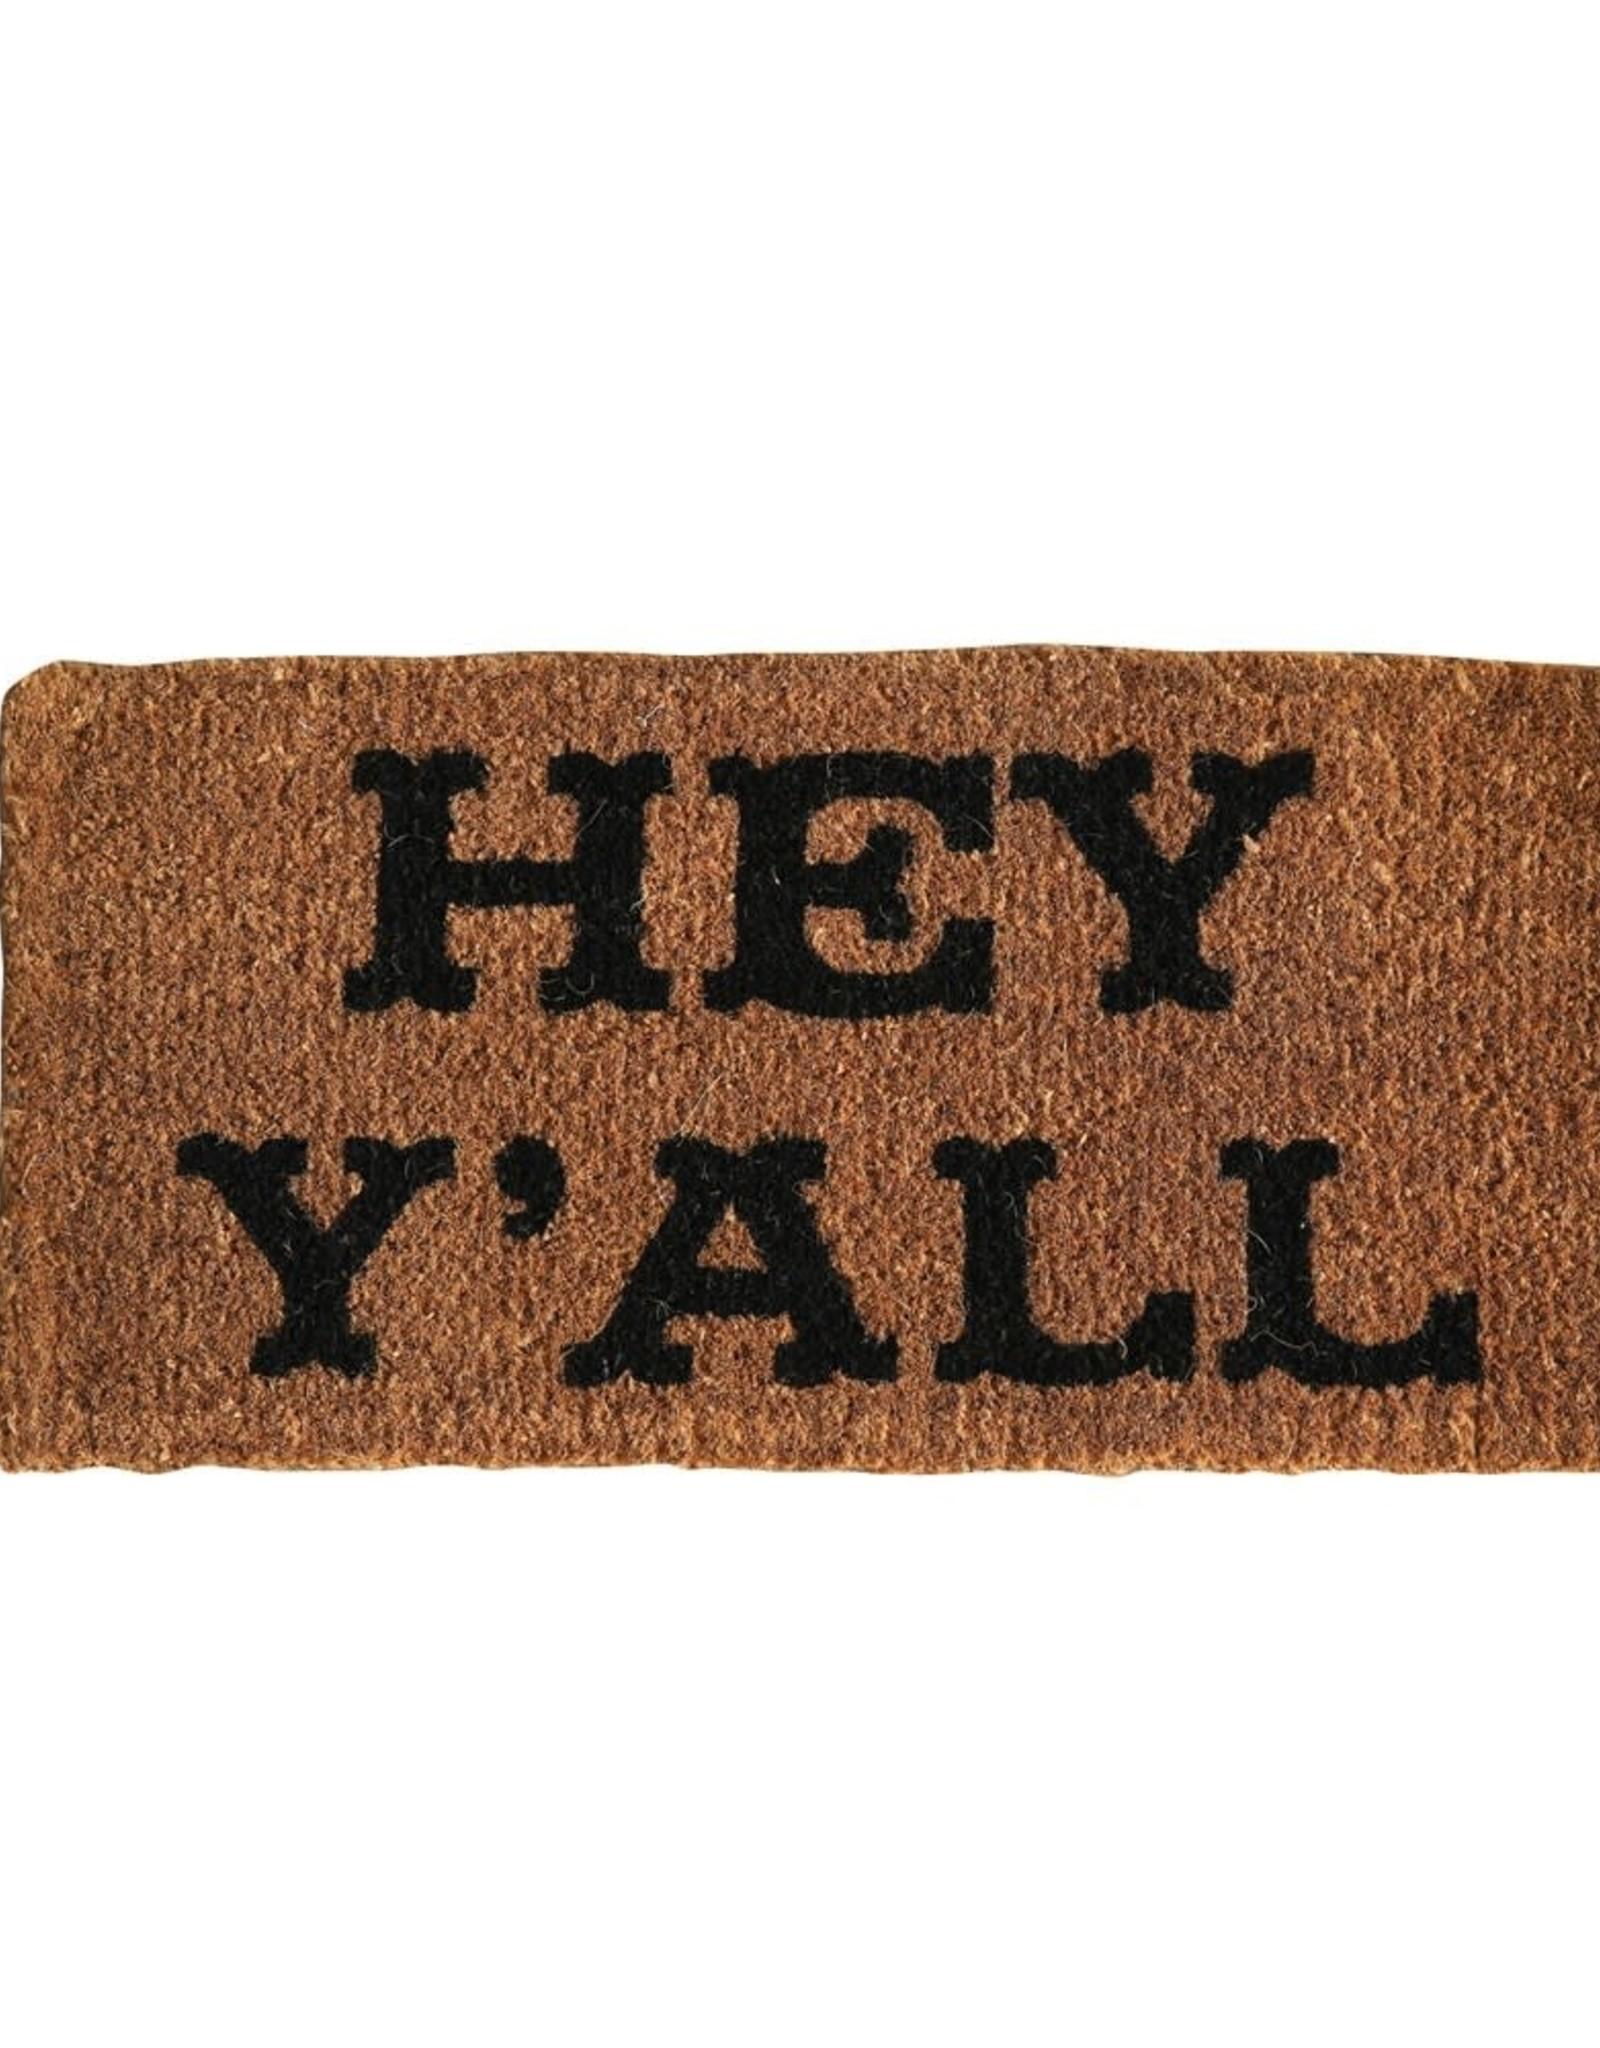 Wink Hey Y'all Doormat